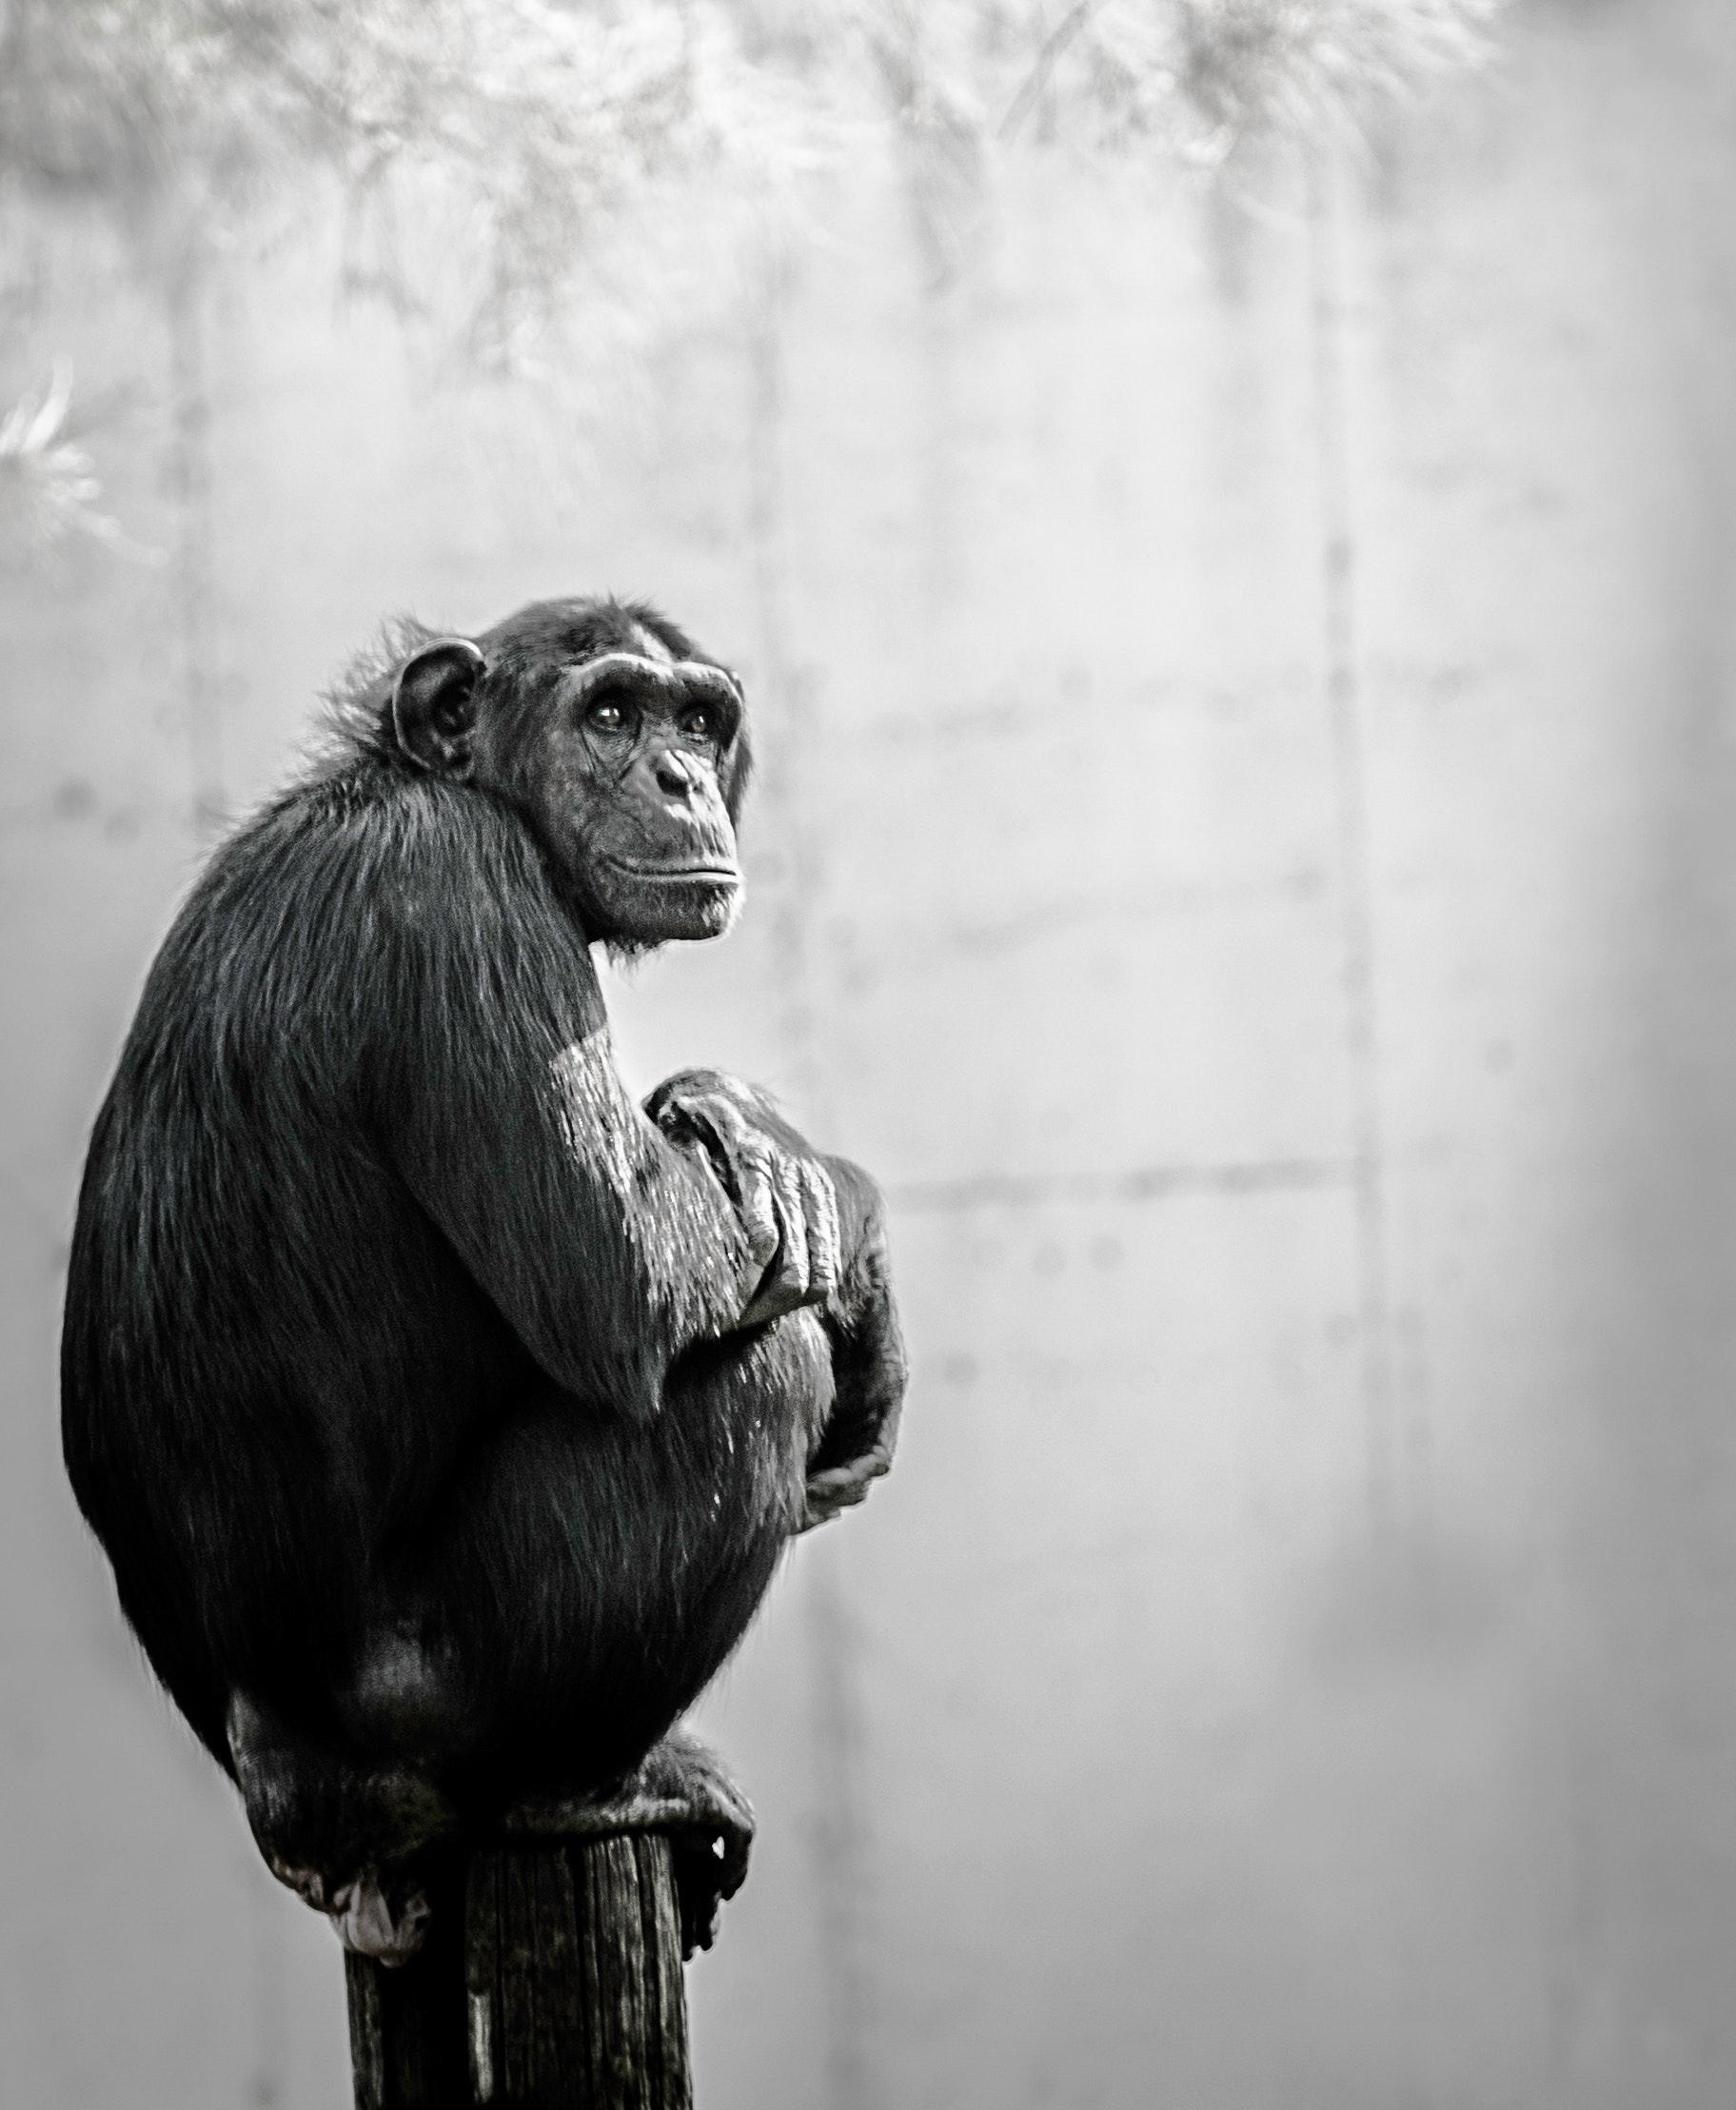 Chimpanzee sitting on wood photo